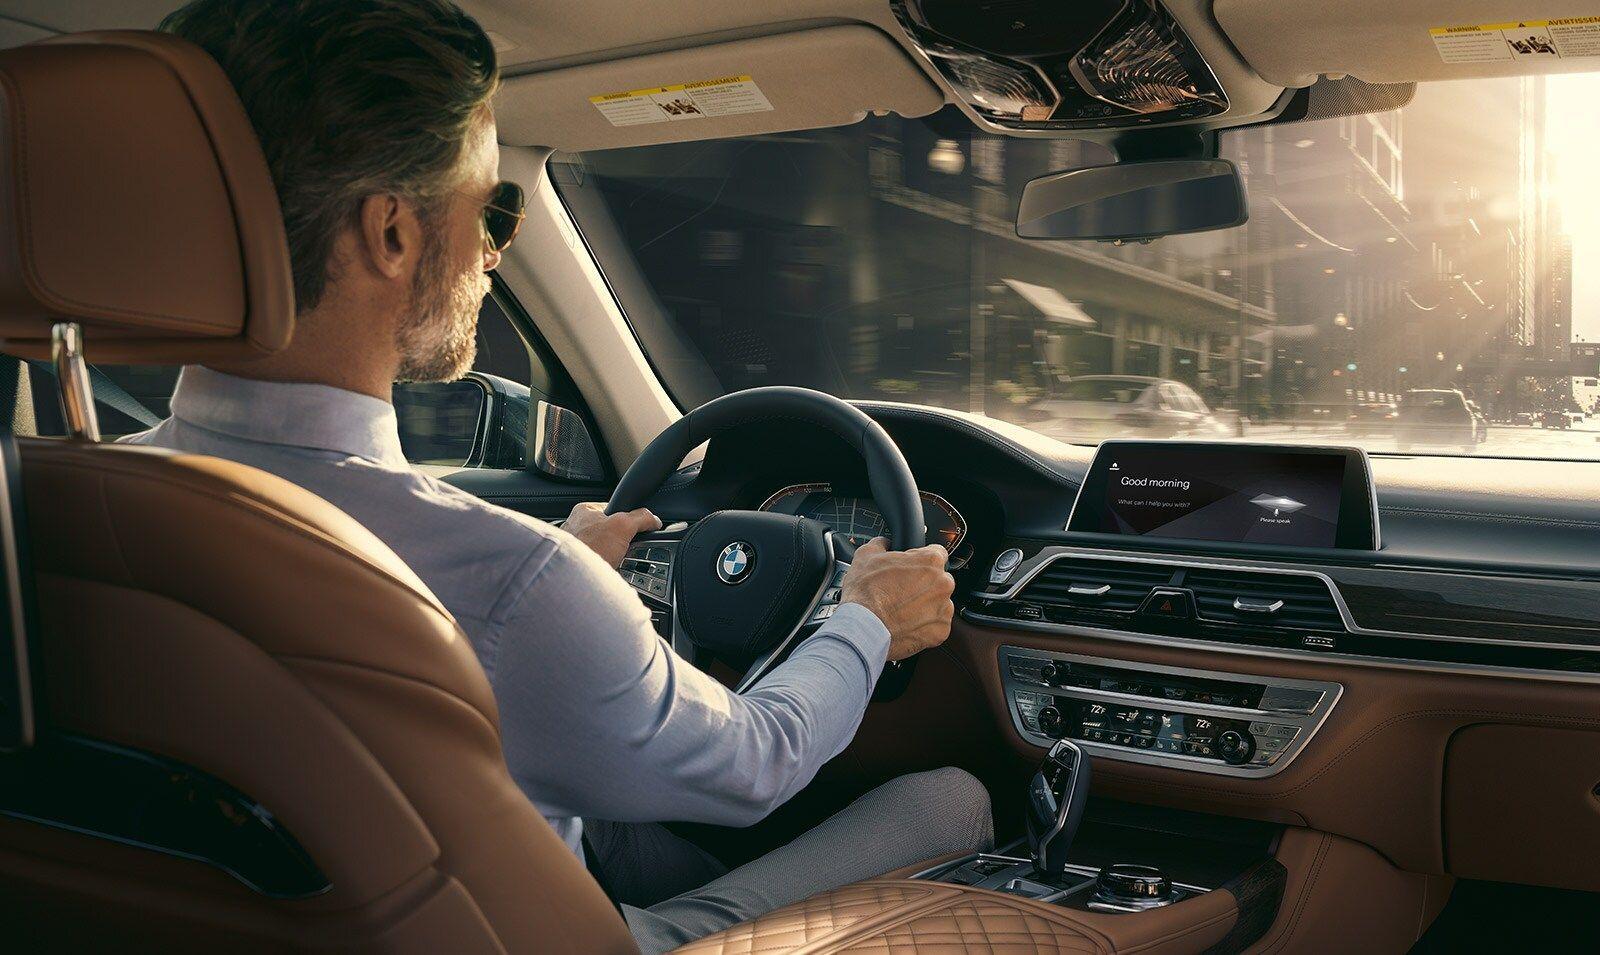 BMW คอนเฟิร์ม! ซีรี่ส์ 7 รุ่นถัดไปจะเป็นรถยนต์พลังงานไฟฟ้าอย่างสมบูรณ์แบบ